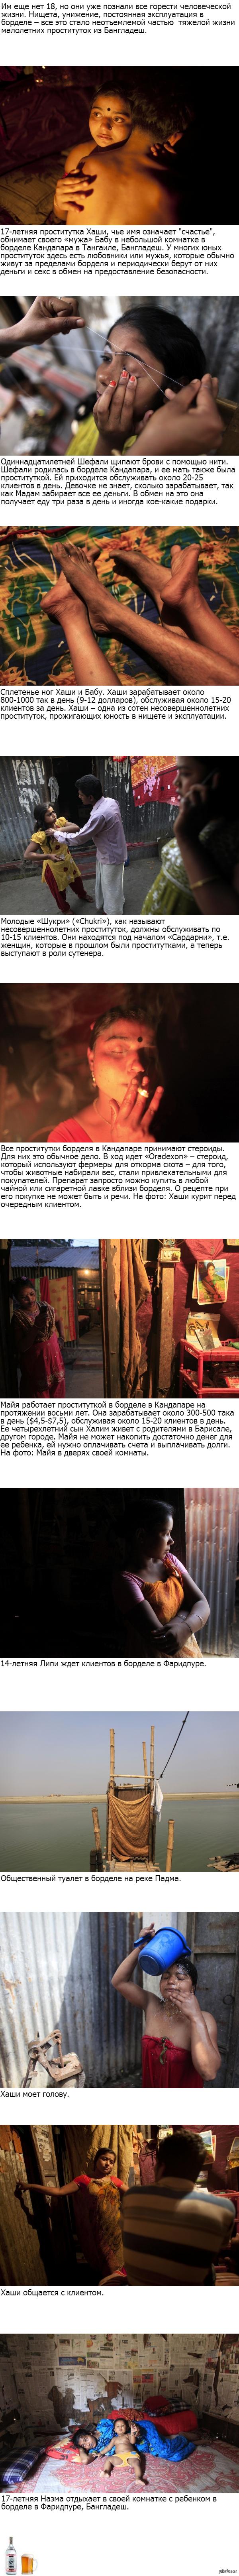 prostitutsiya-v-balkanabat